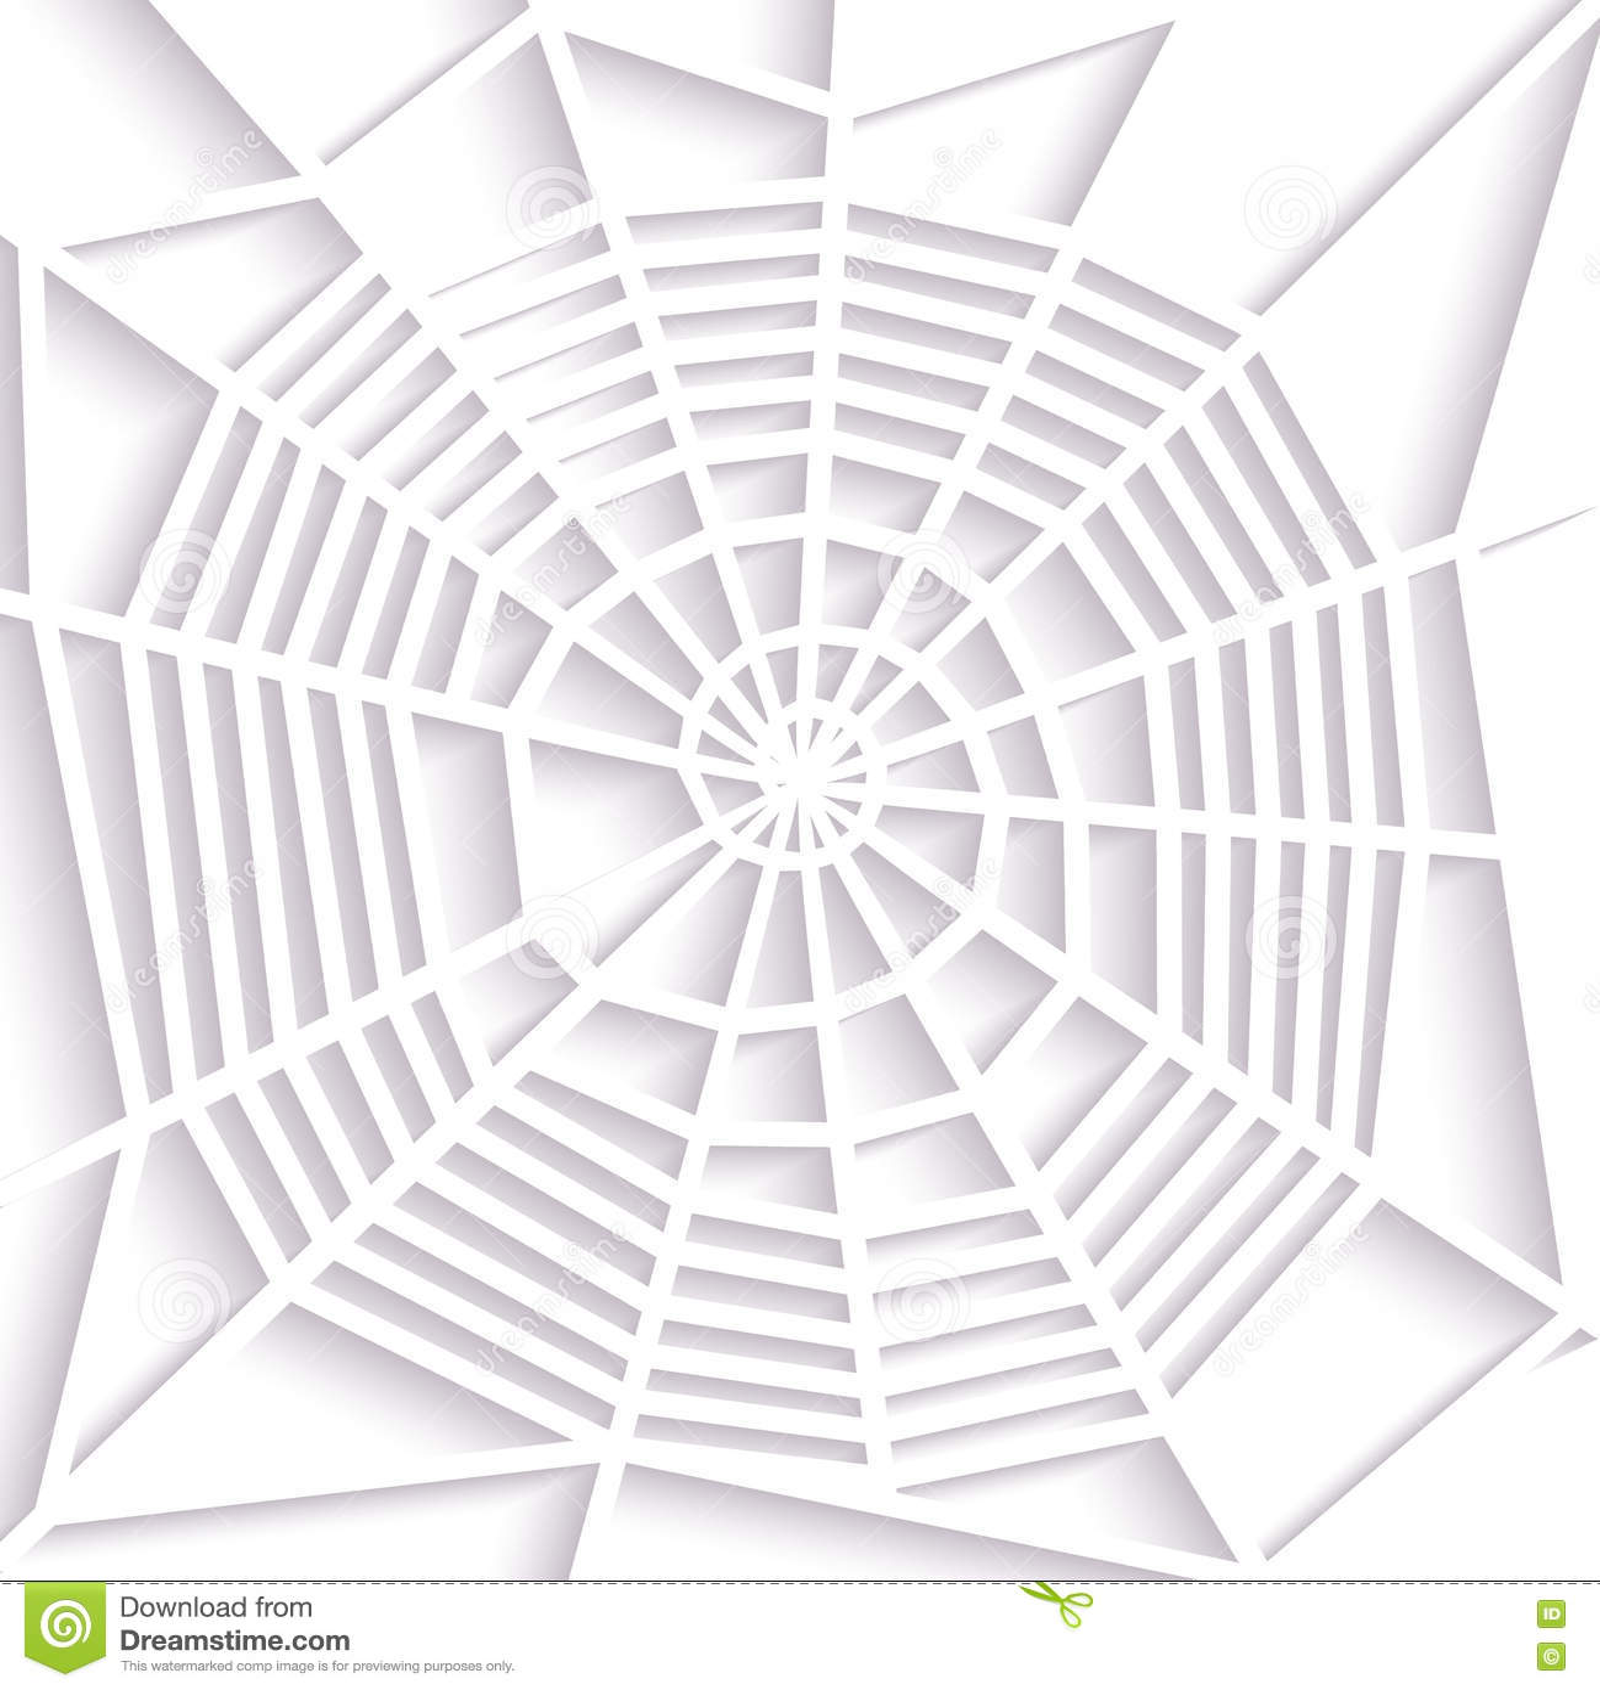 Web de decoracion amazing sitios web de compras online - Paginas web de decoracion de interiores ...